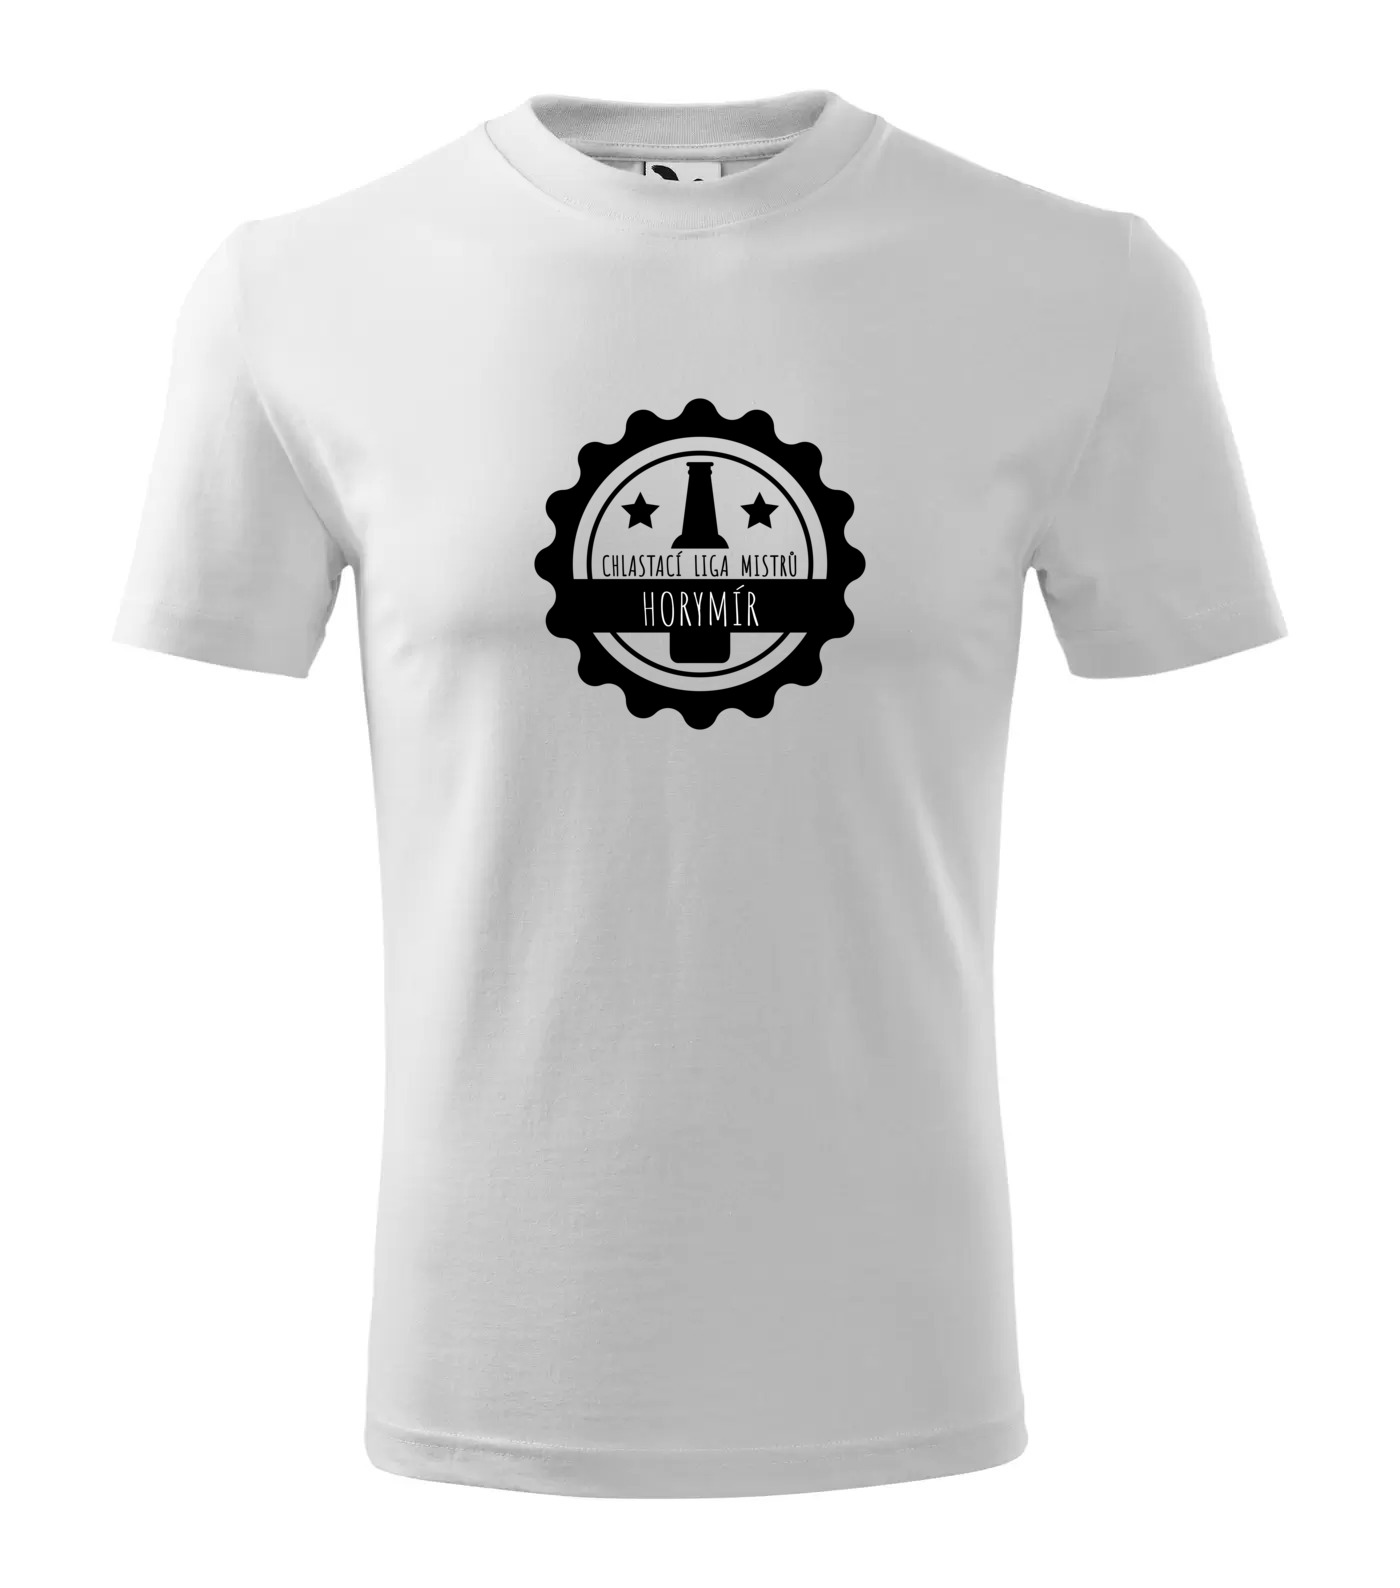 Tričko Chlastací liga mužů Horymír